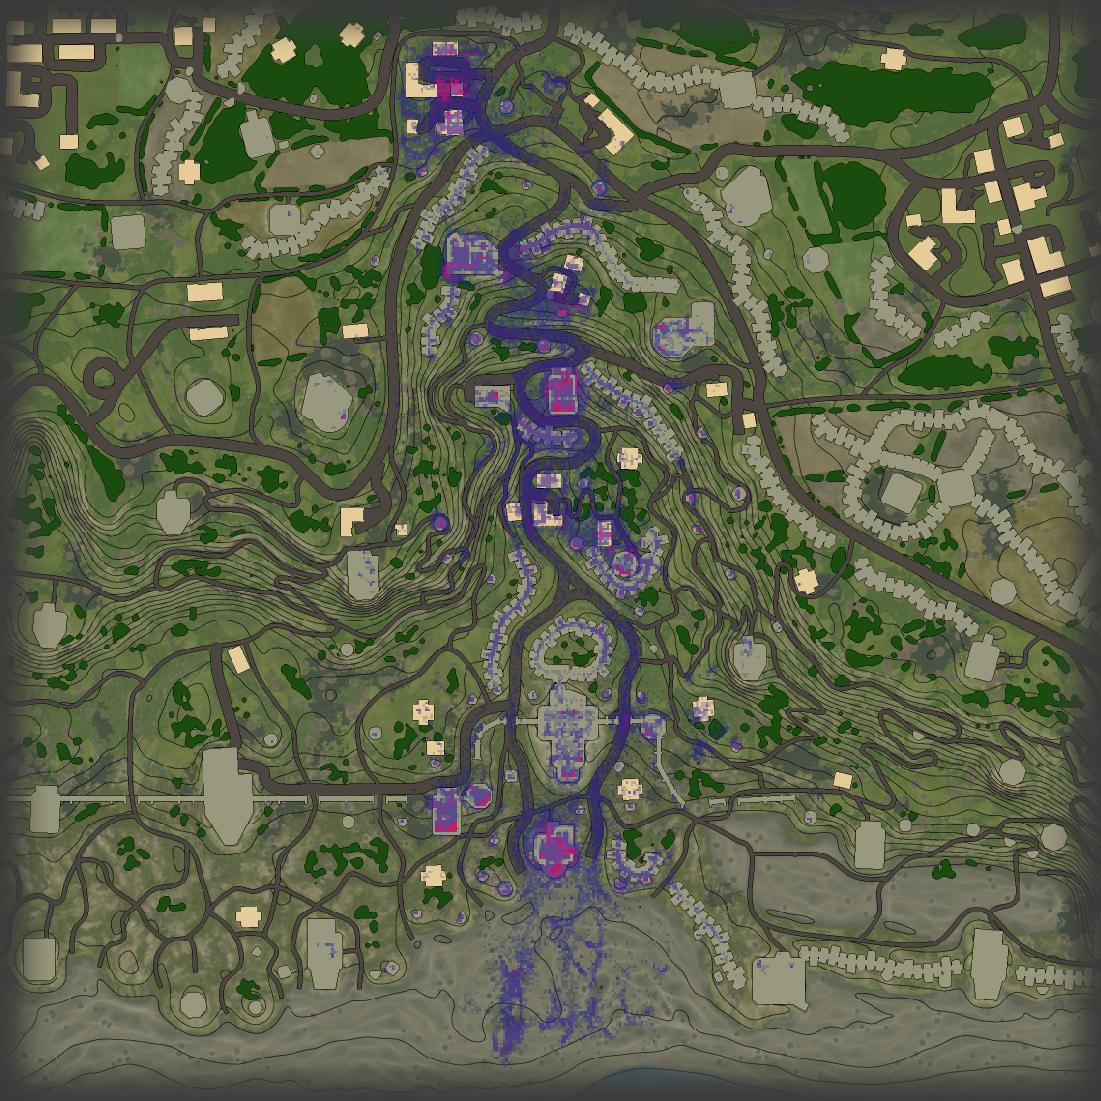 Синие и фиолетовые зоны — места наиболее ожесточённых столкновений